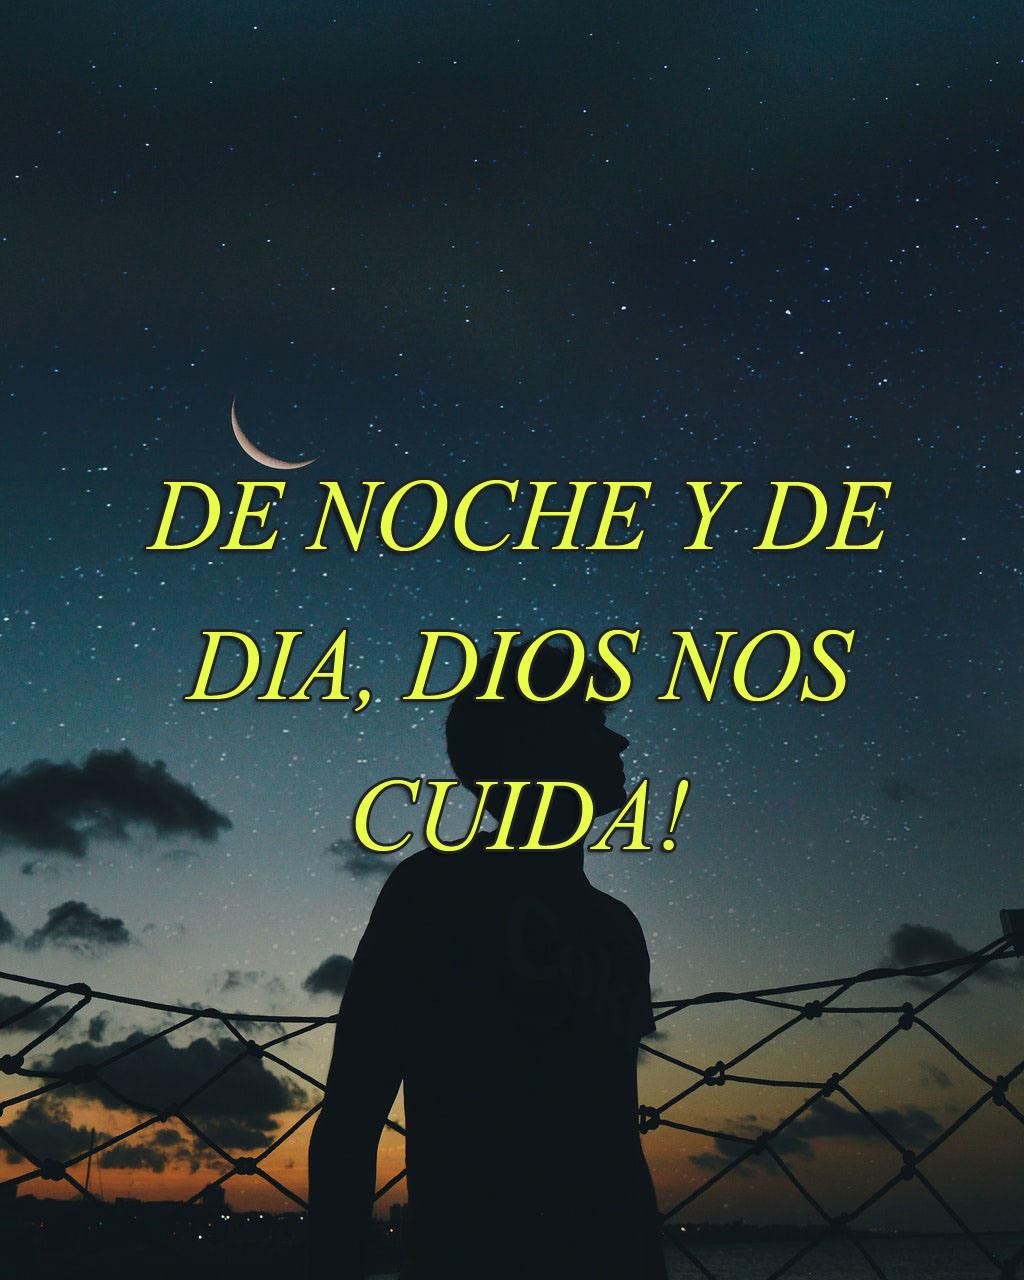 Imagenes cristianas para la noche fb